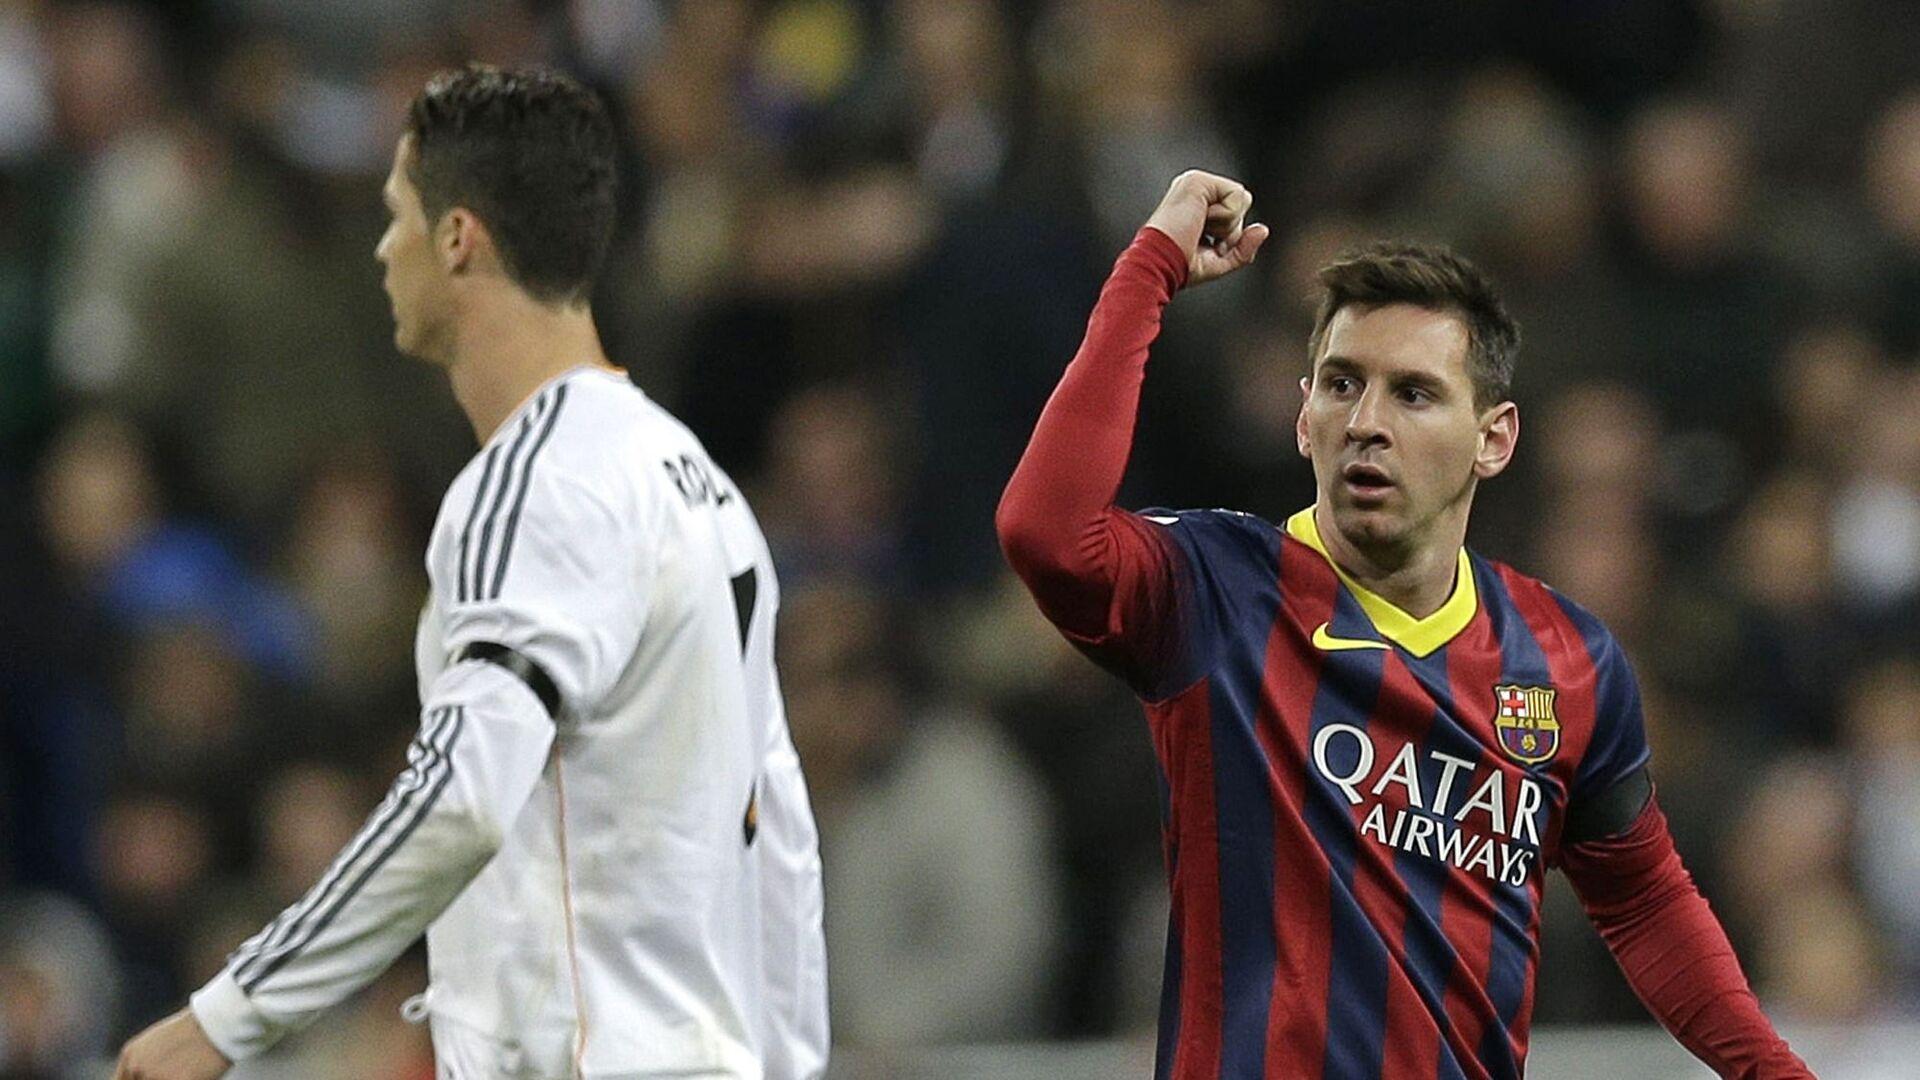 El delantero portugués Cristiano Ronaldo y su colega argentino Lionel Messi - Sputnik Mundo, 1920, 12.04.2021